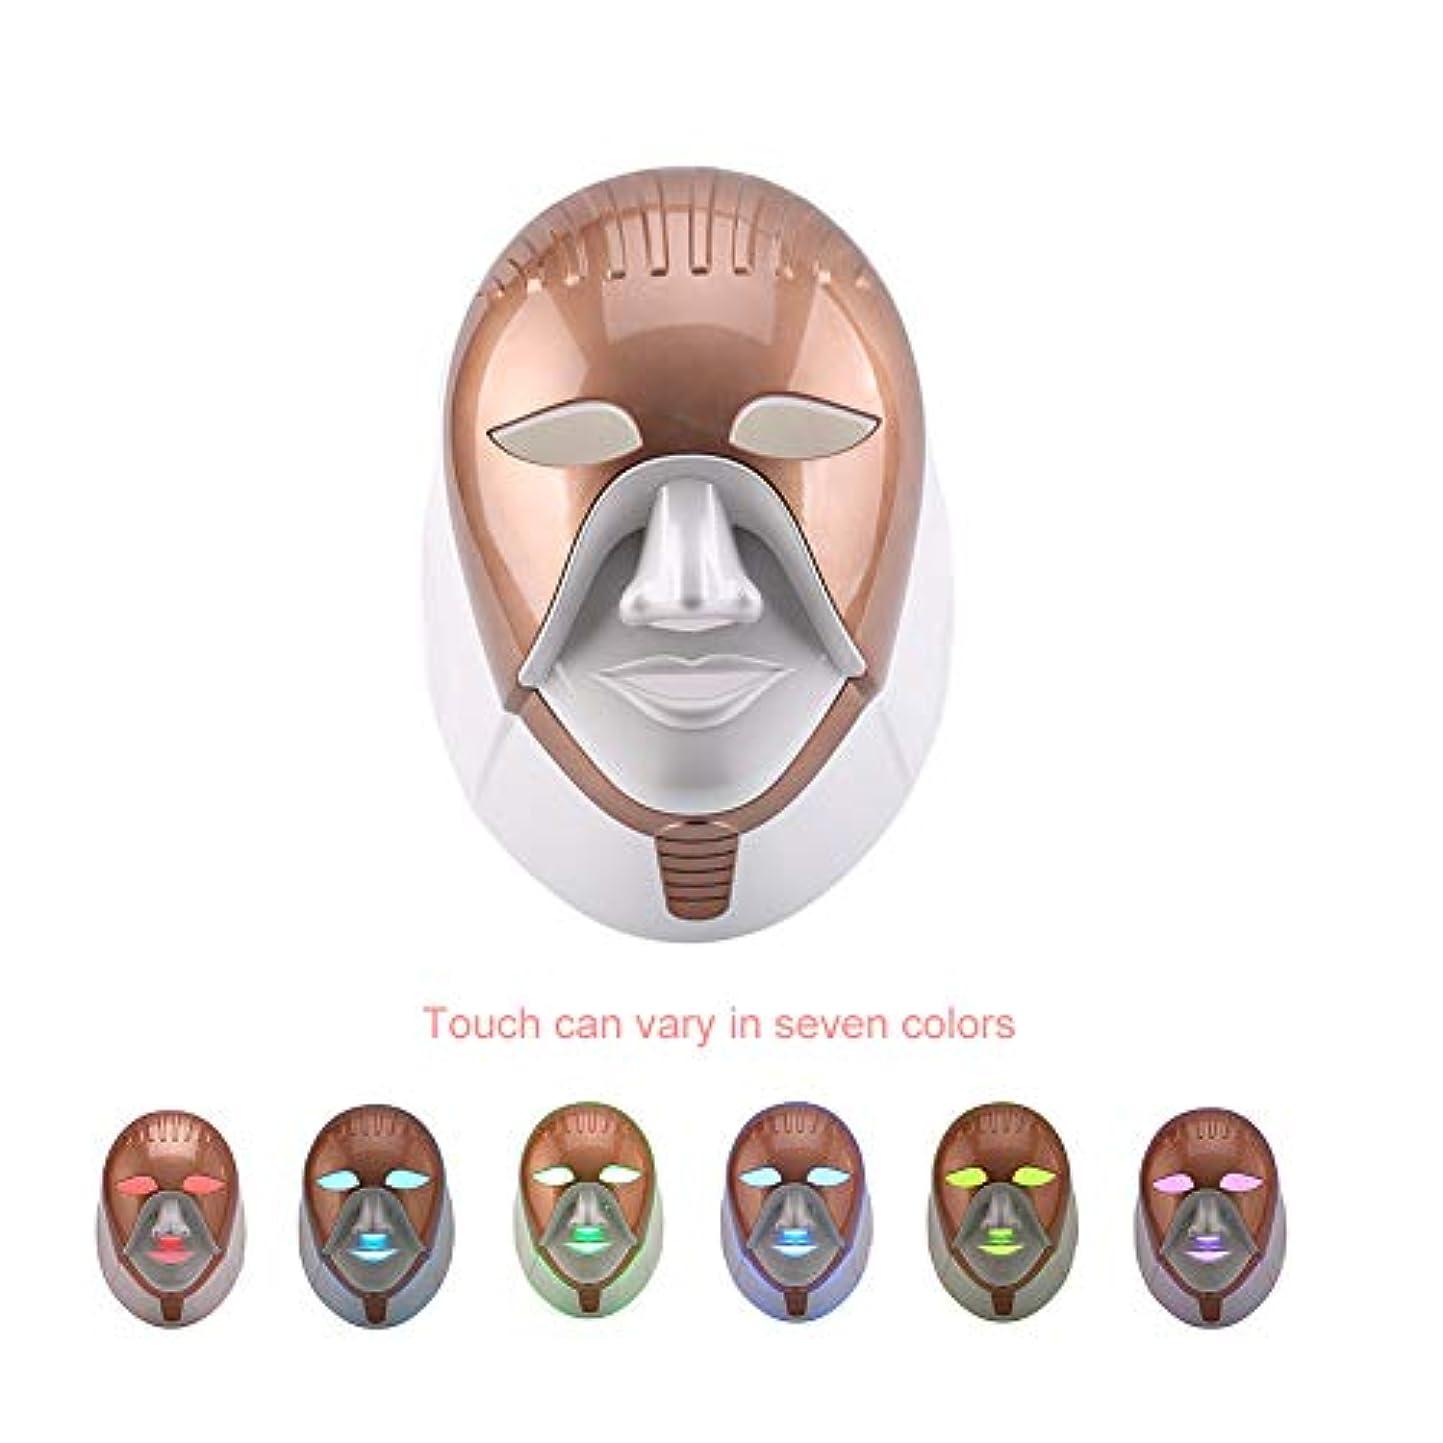 汚い印象パラナ川7色led光子フェイスマスク、にきび除去しわ治療、インテリジェントタッチコントロール光子療法、美容機器にきび肌の若返り